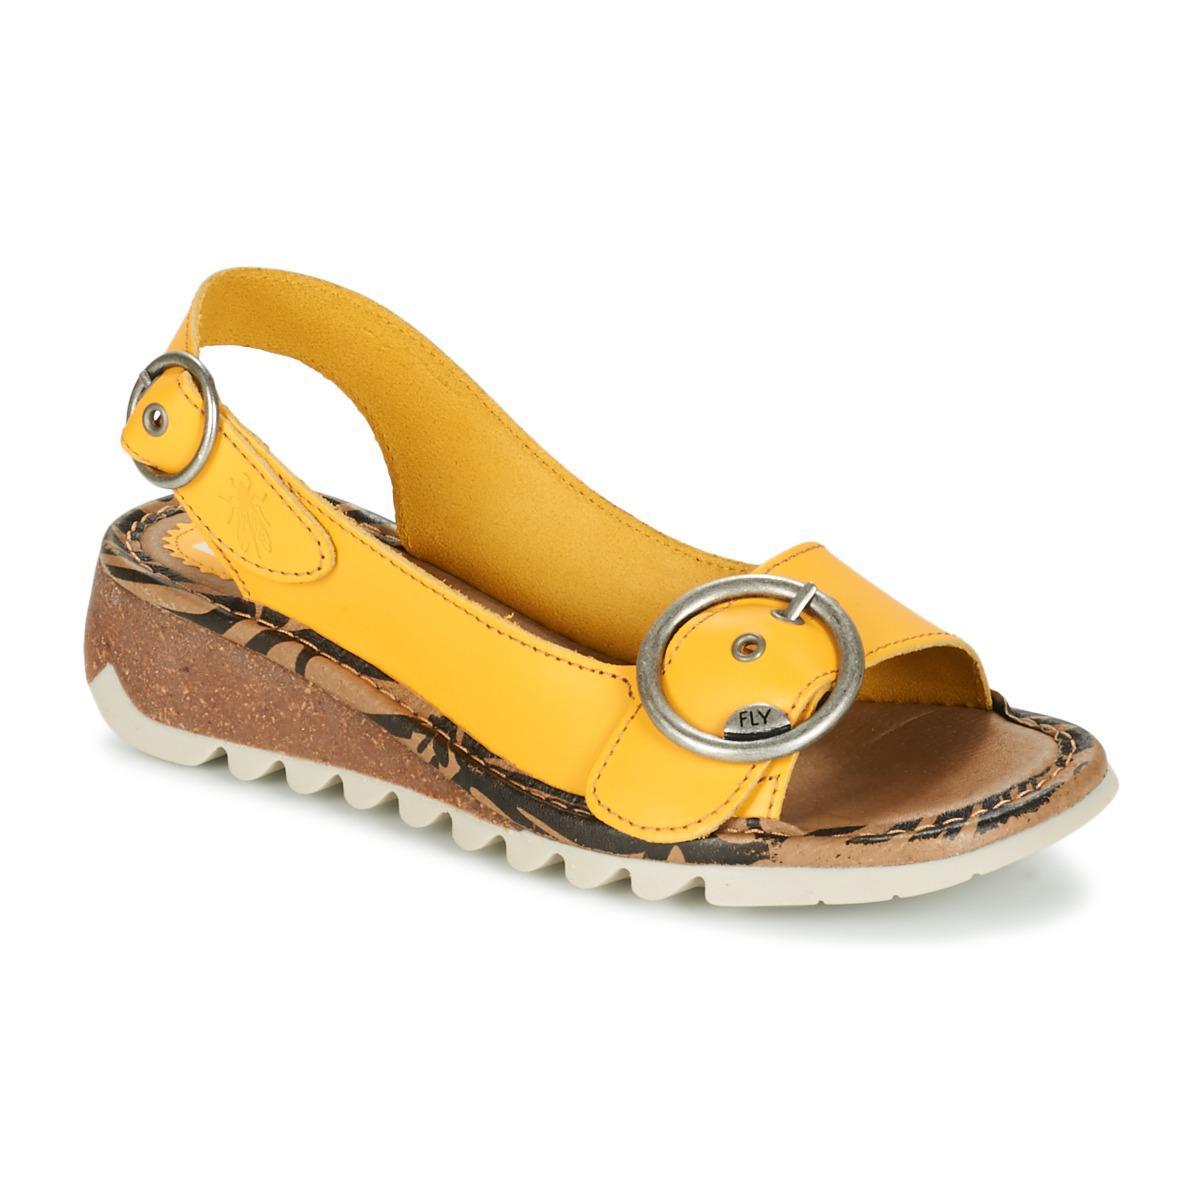 Fly London. Tram Women's Sandals In Yellow